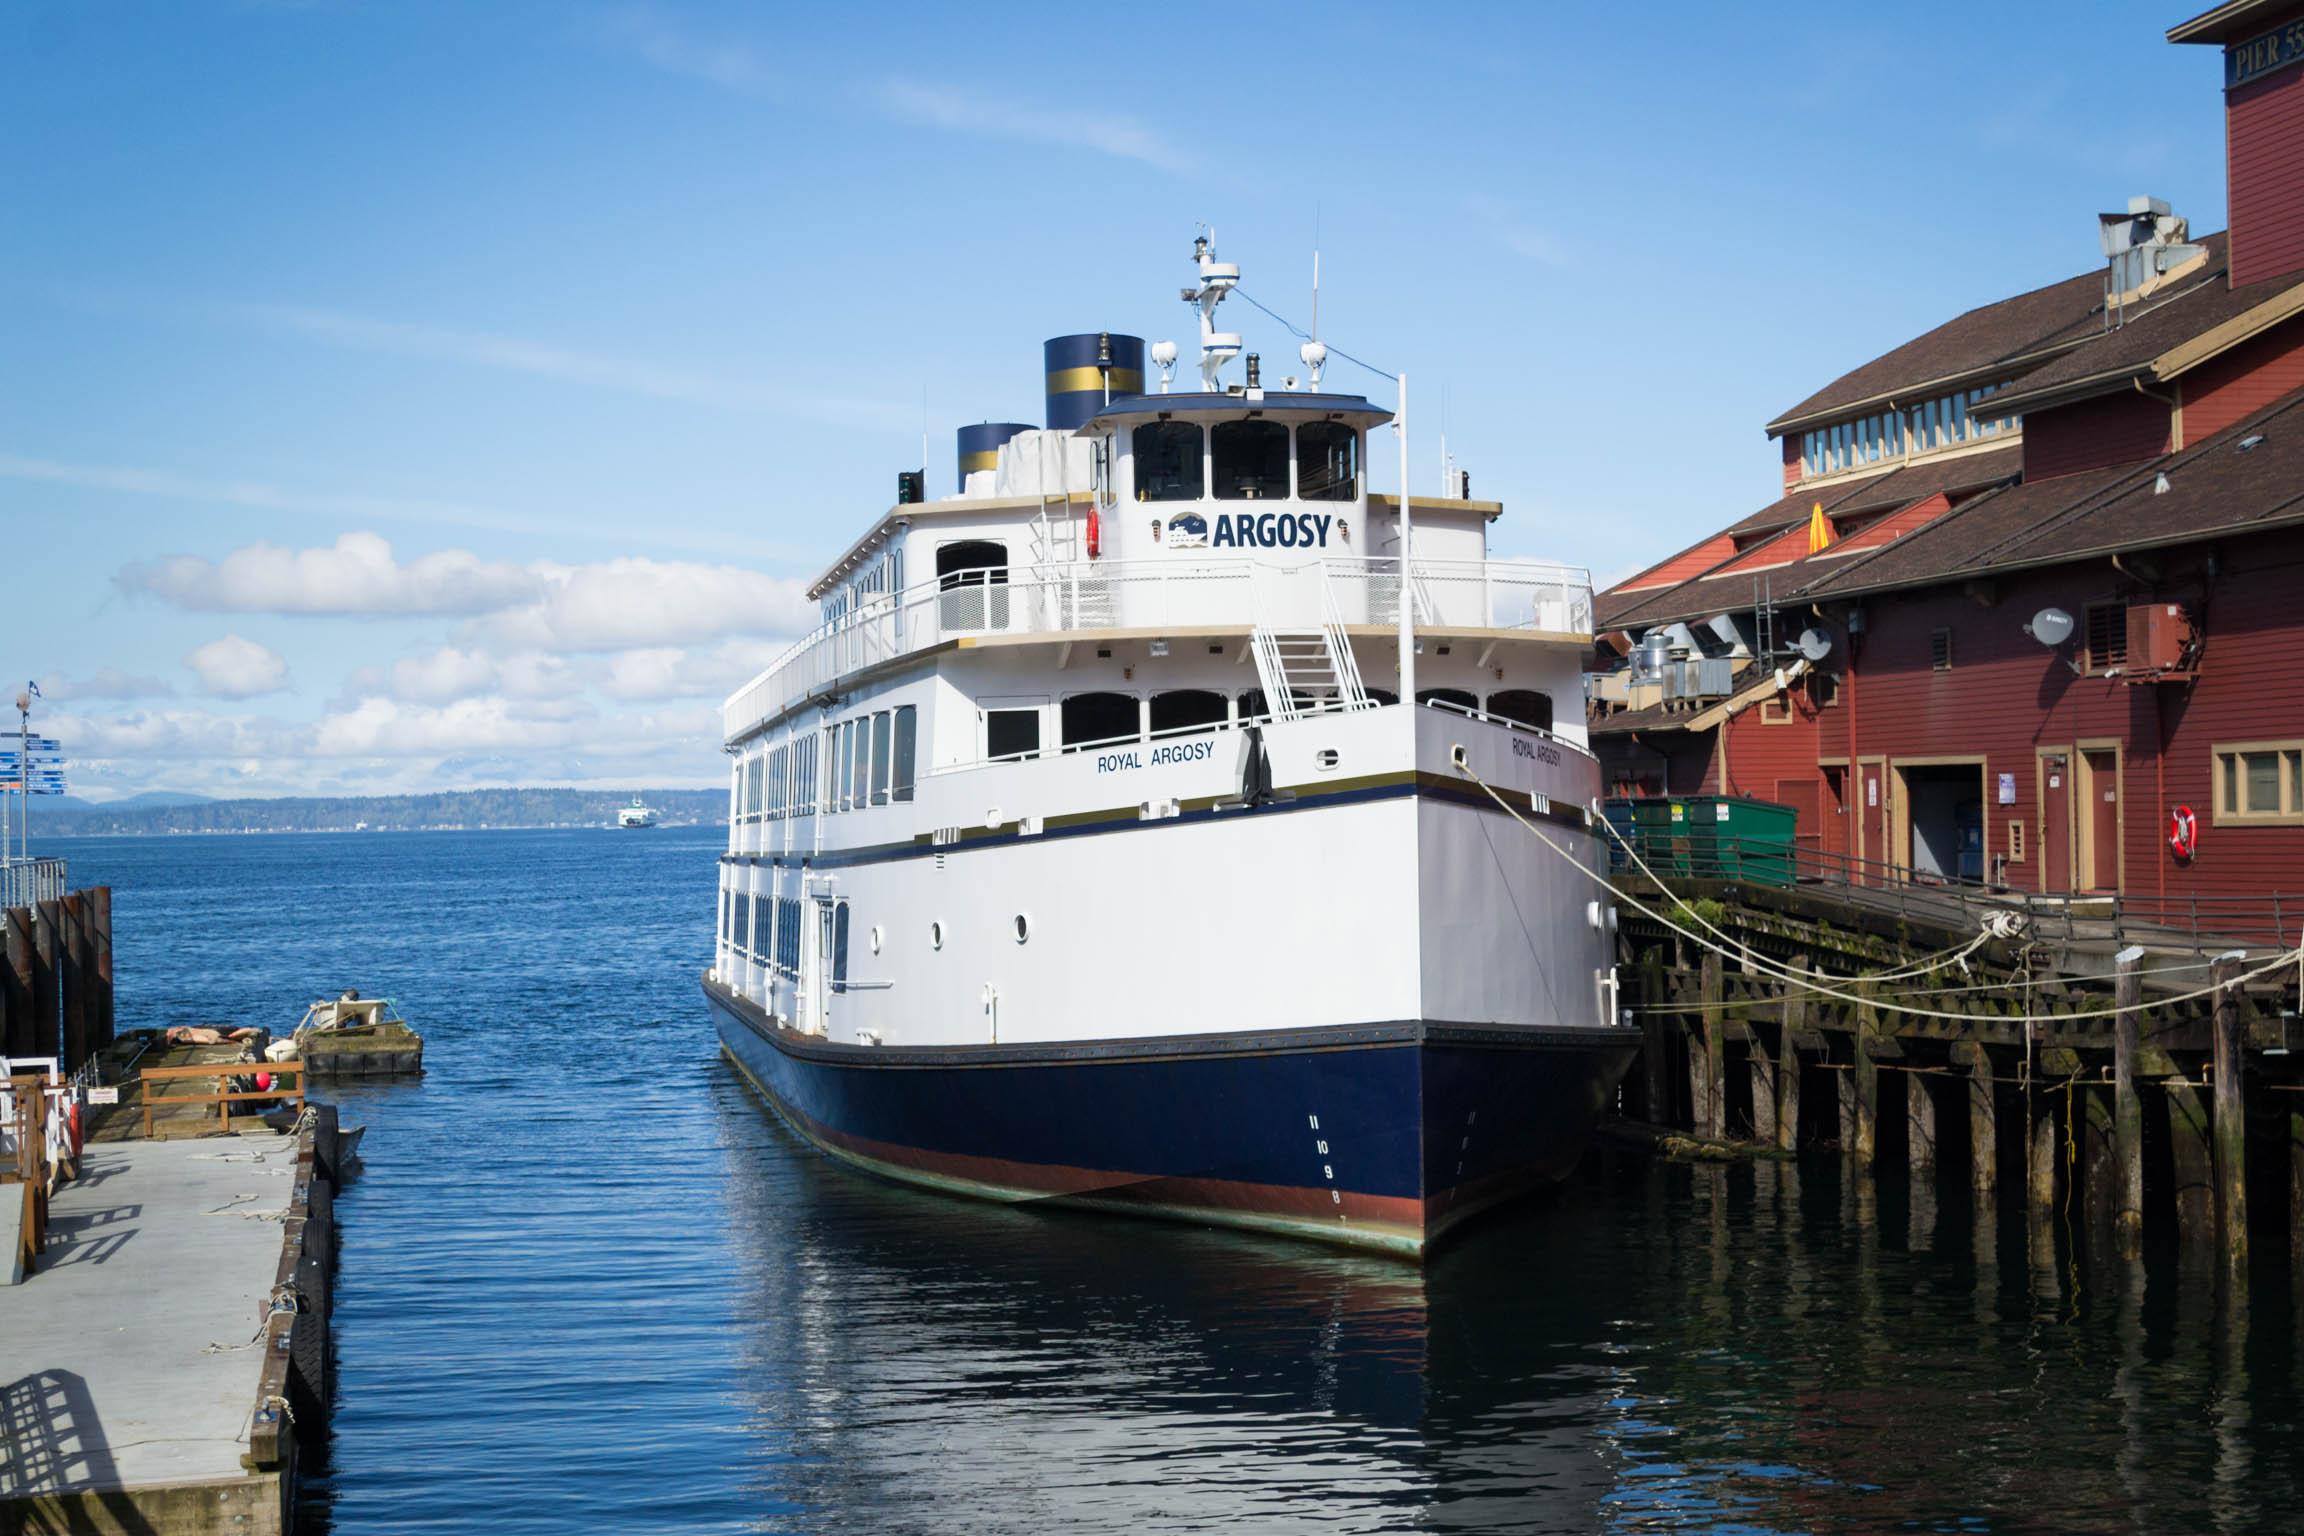 Un bateau de croisière amarré